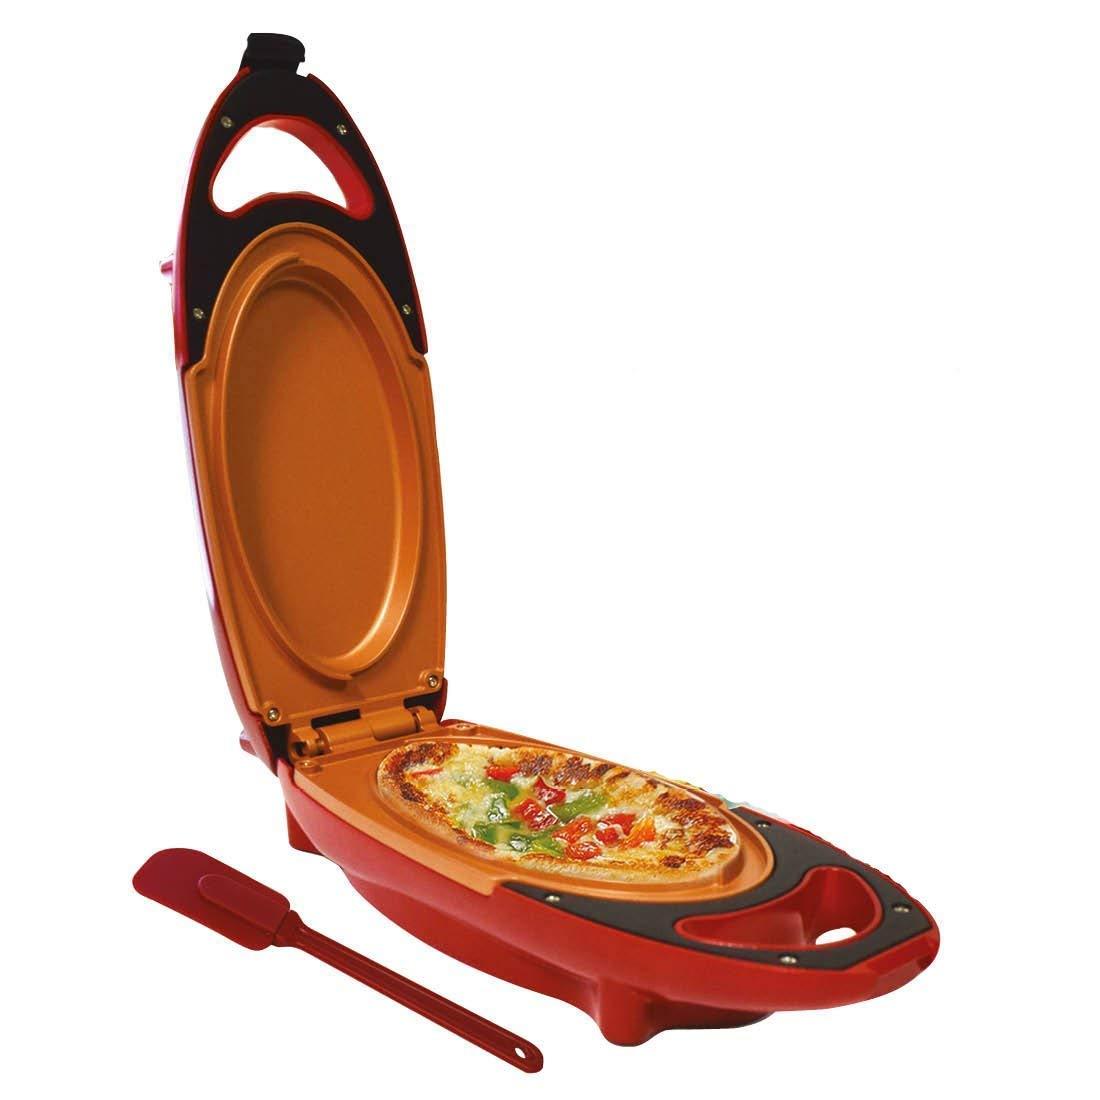 Paninis Pizzas Chef Rapide Antiadh/ésif Omelette Maker /électrique Po/êle /à Frire avec Deux plaques tr/ès Parfait de Cuisine Helper pour Bake Frittatas